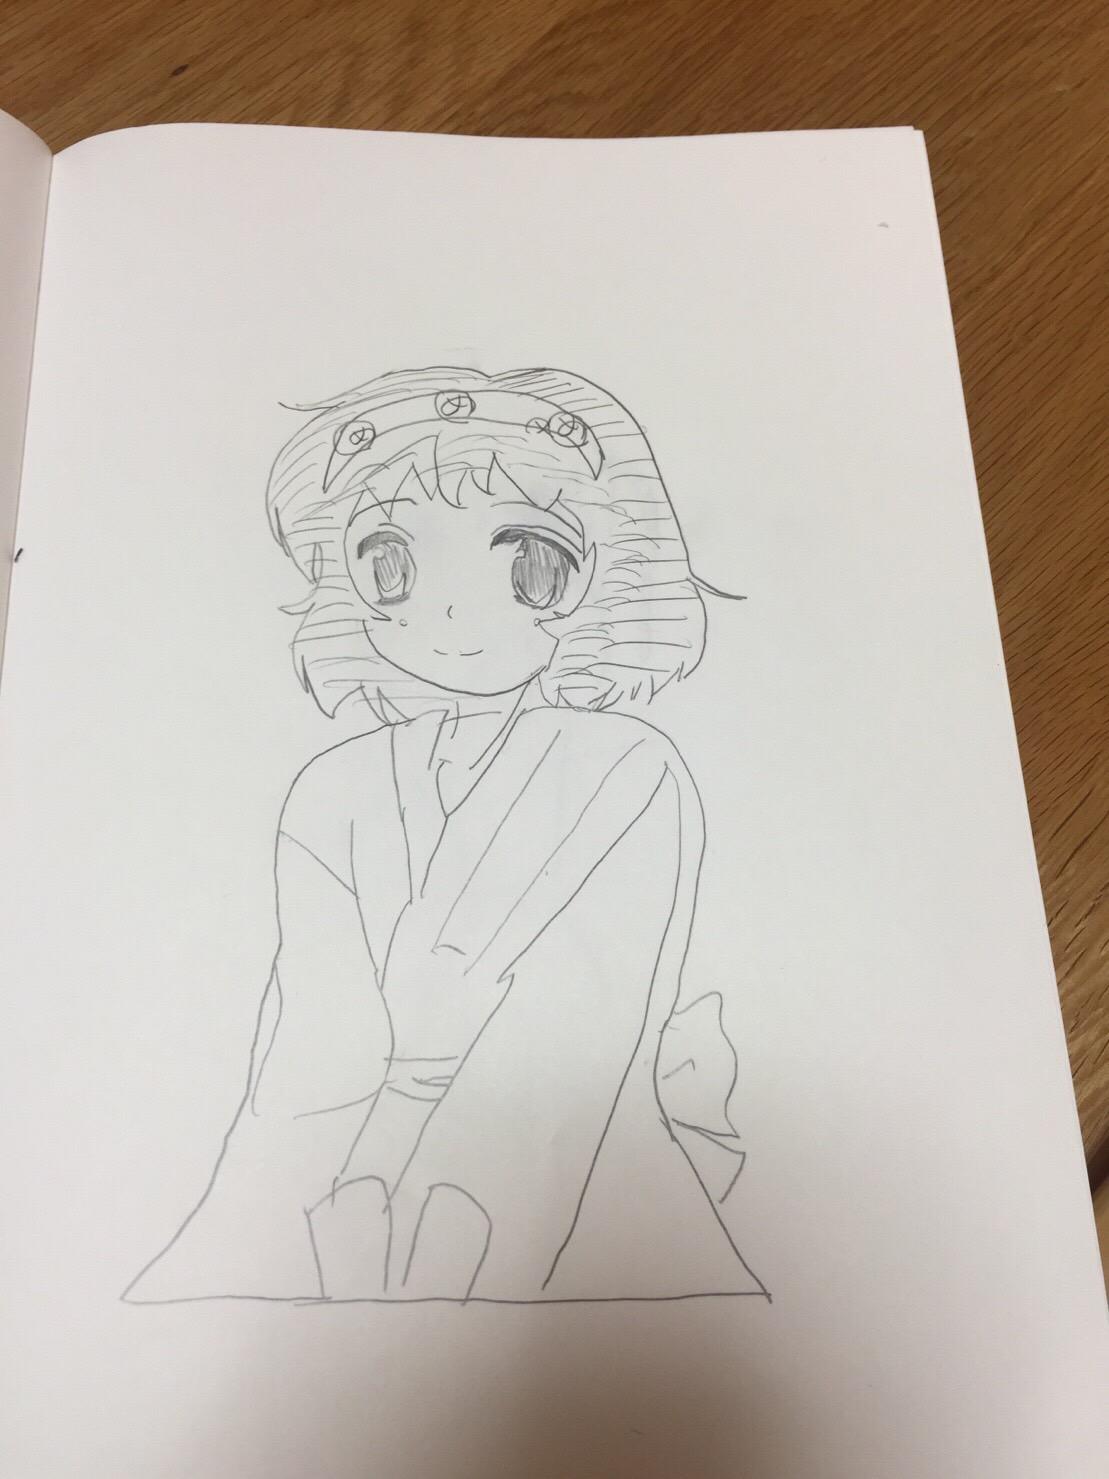 mettoko_Fan_art_162